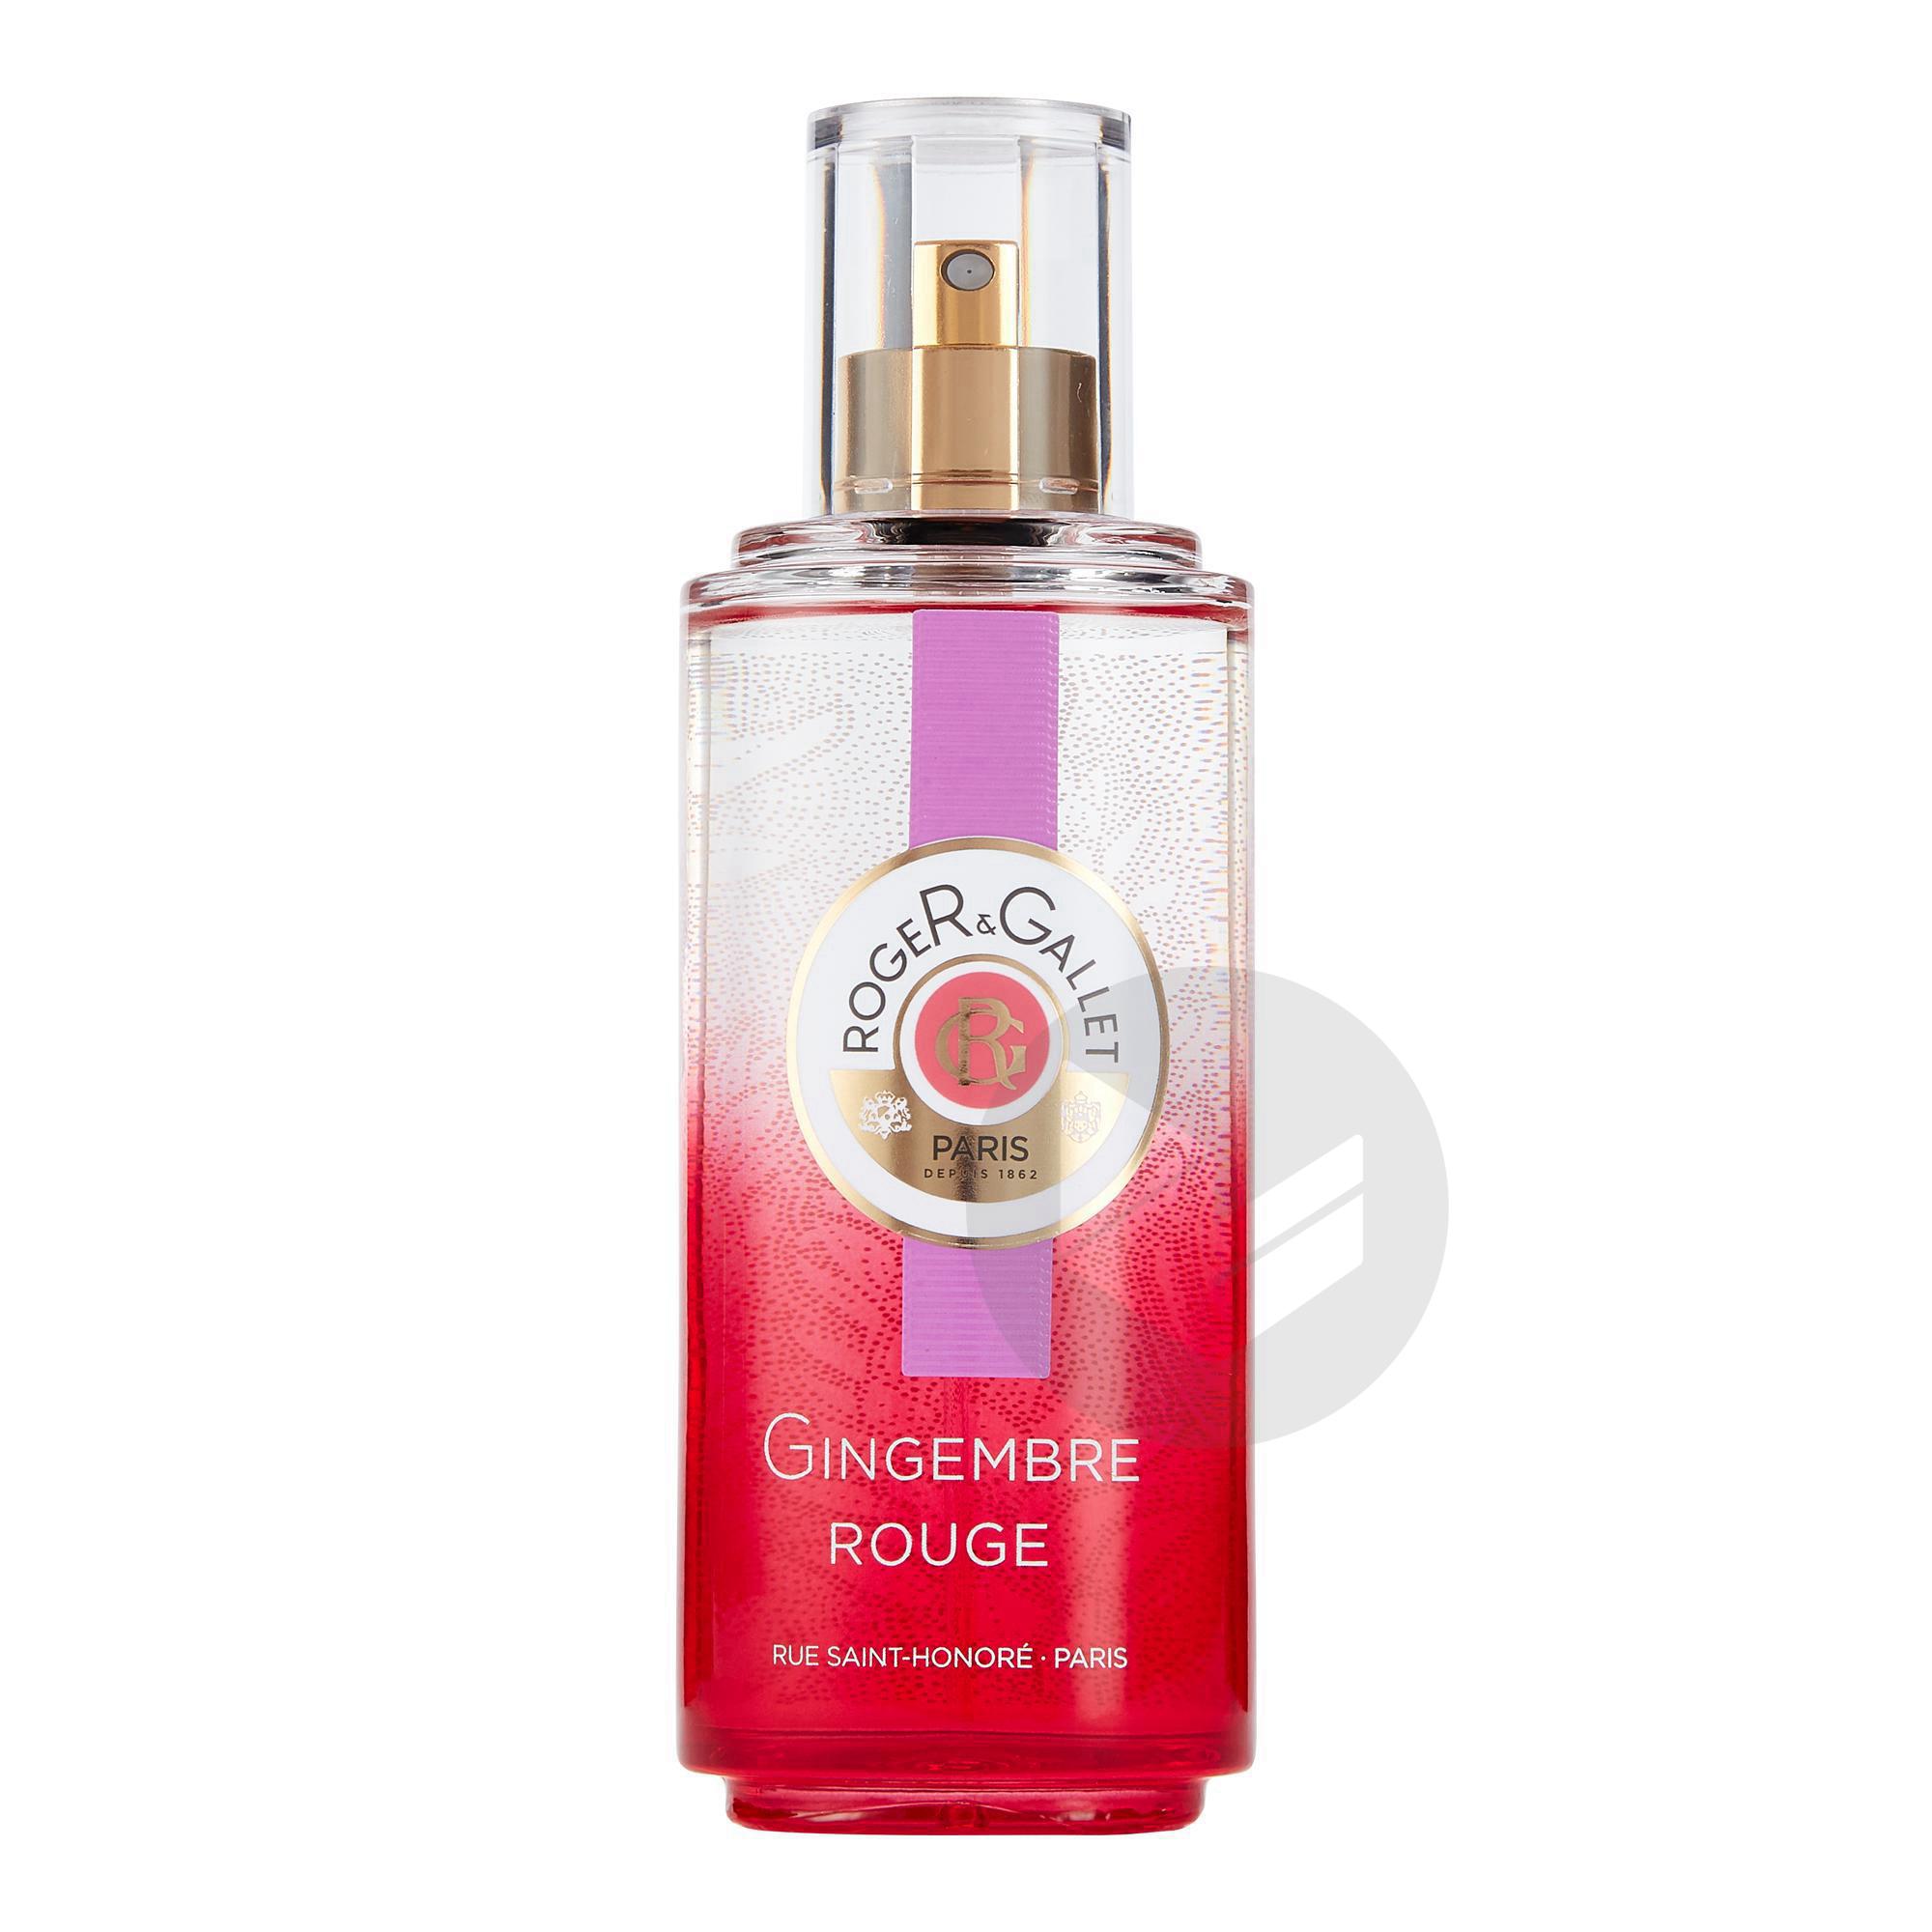 Gingembre Rouge Eau Fraiche Parfumee Bienfaisante Vaporisateur 100 Ml